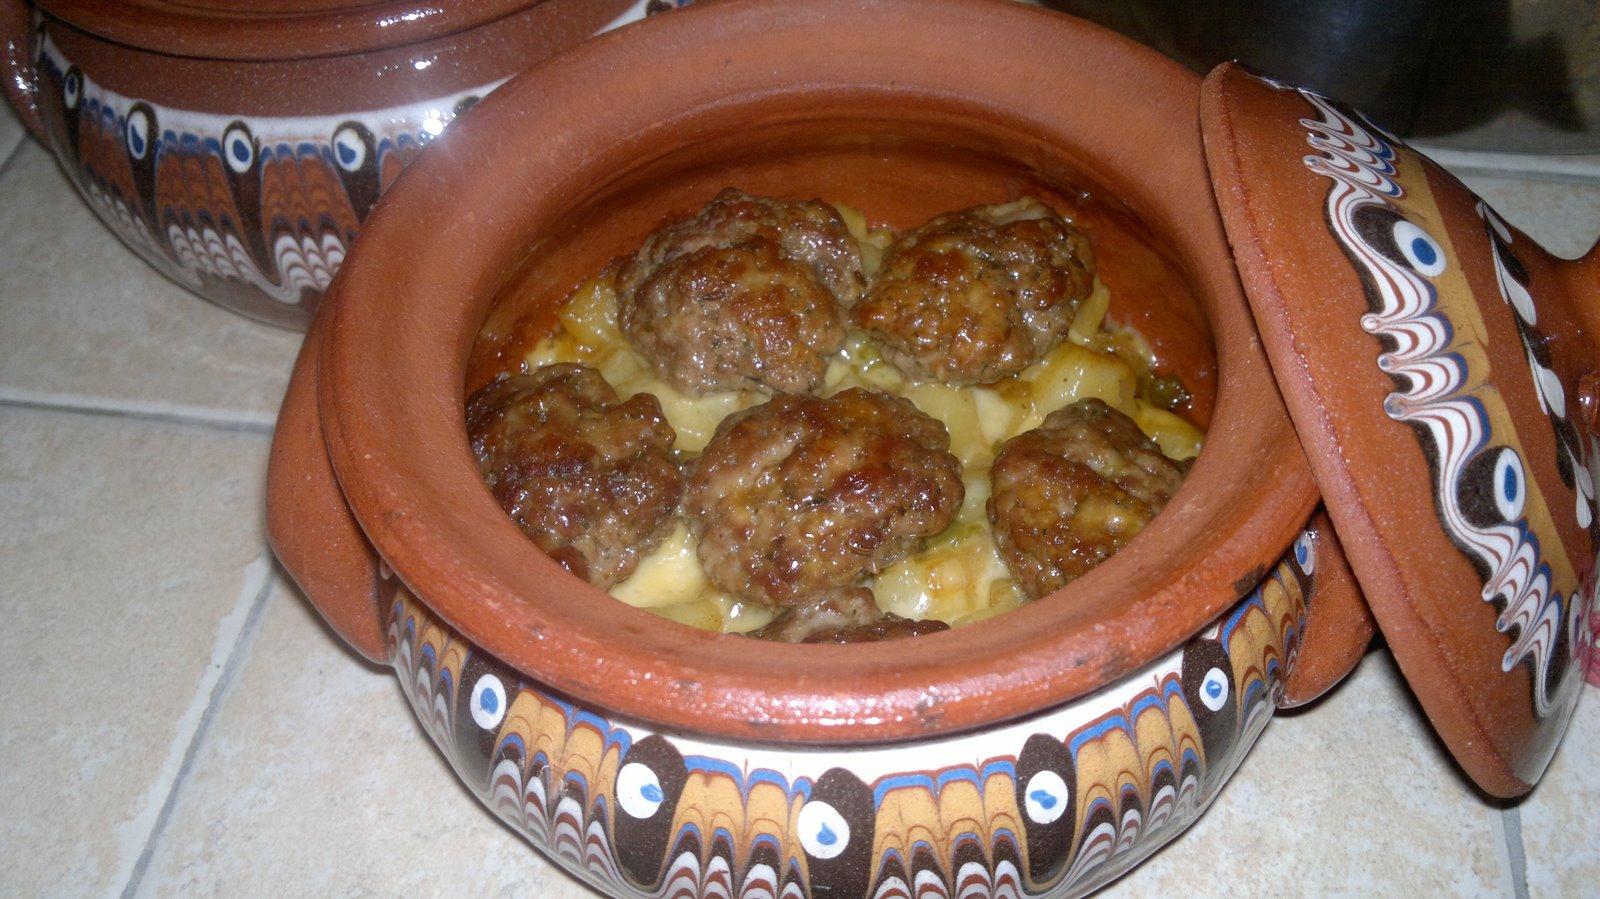 Le passioni culinarie di Petya Polpette in ghiuvec